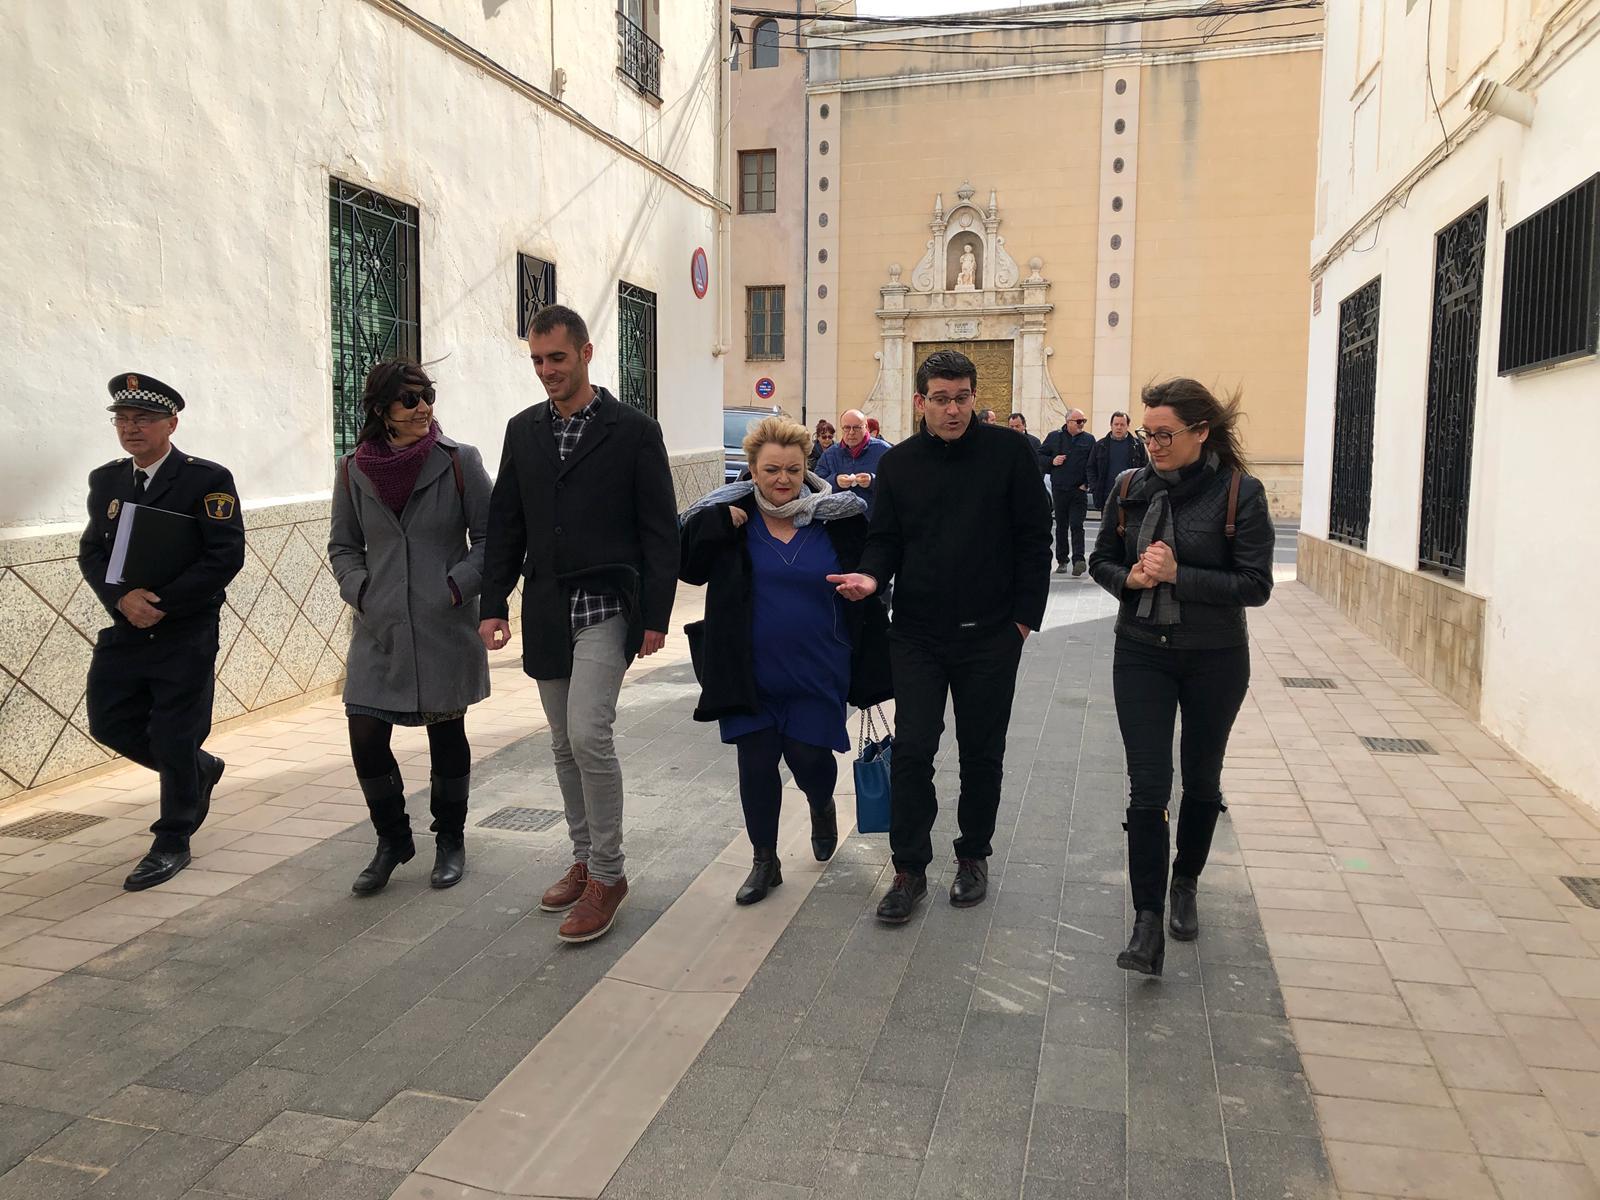 El presidente, Jorge Rodríguez, visita algunas de las mejoras realizadas en el municipio de Los Serranos con fondos de la corporación, que ha invertido 1.160.000 euros en Villar esta legislatura.